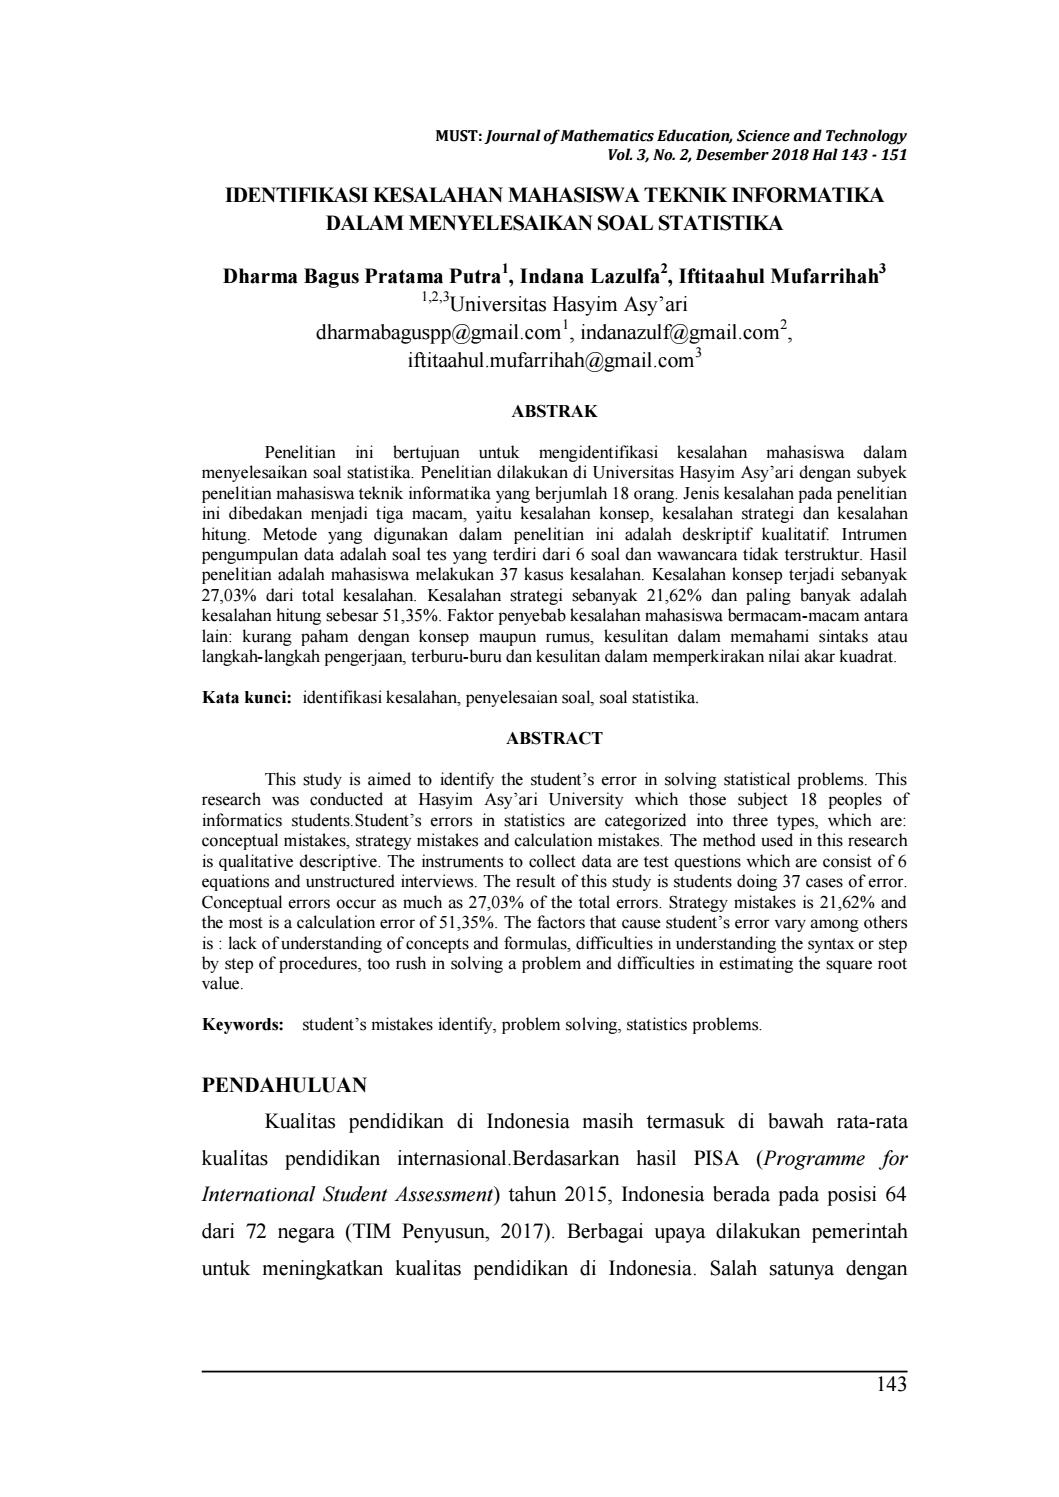 Identifikasi Kesalahan Mahasiswa Teknik Informatika Dalam